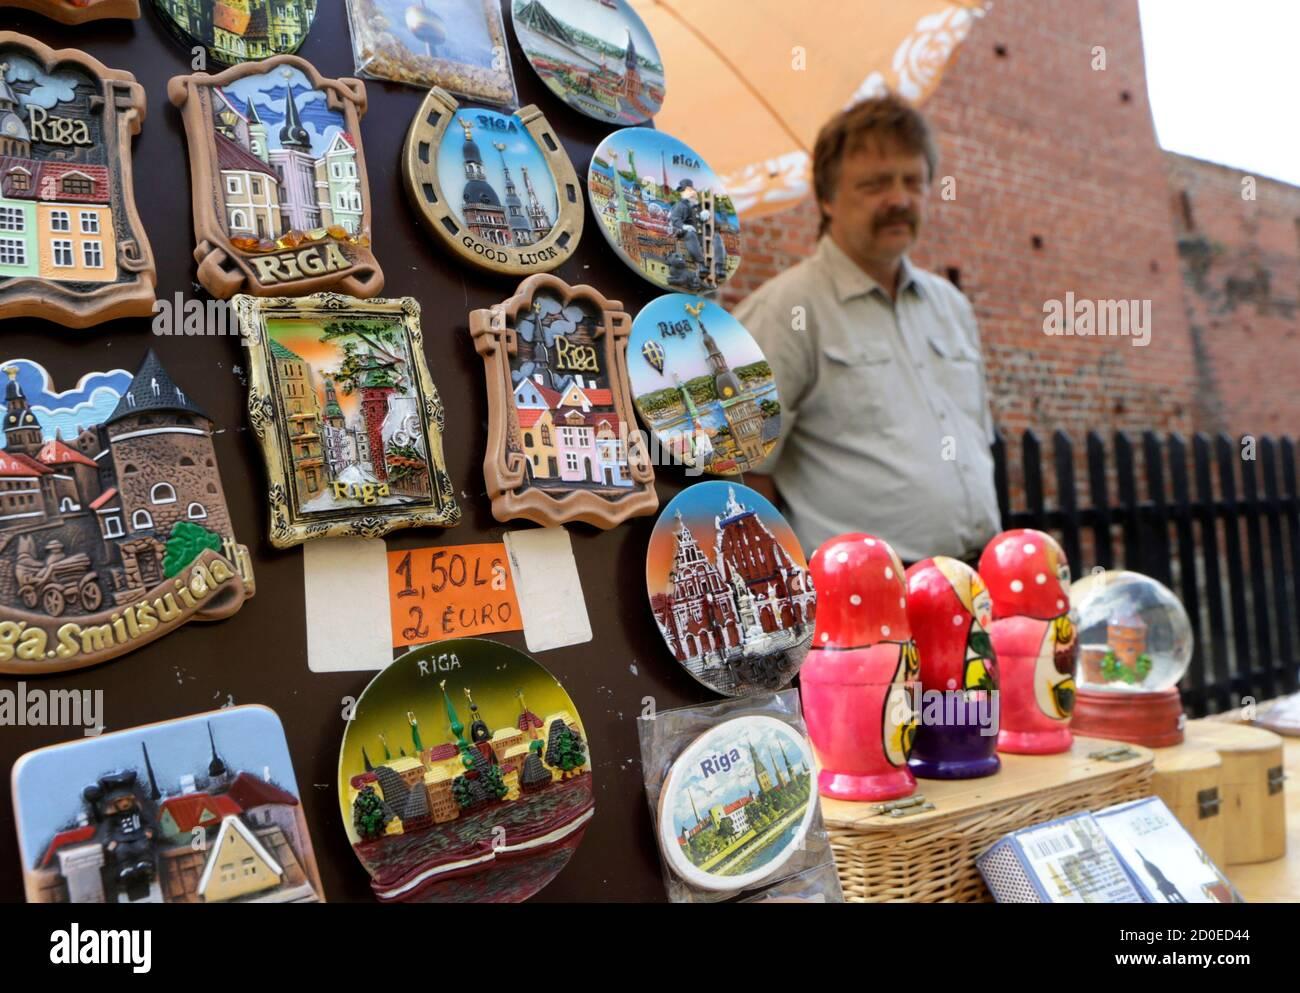 Lettonie aimant de réfrigérateur Letton Drapeau letton Symbole Cadeau Souvenir